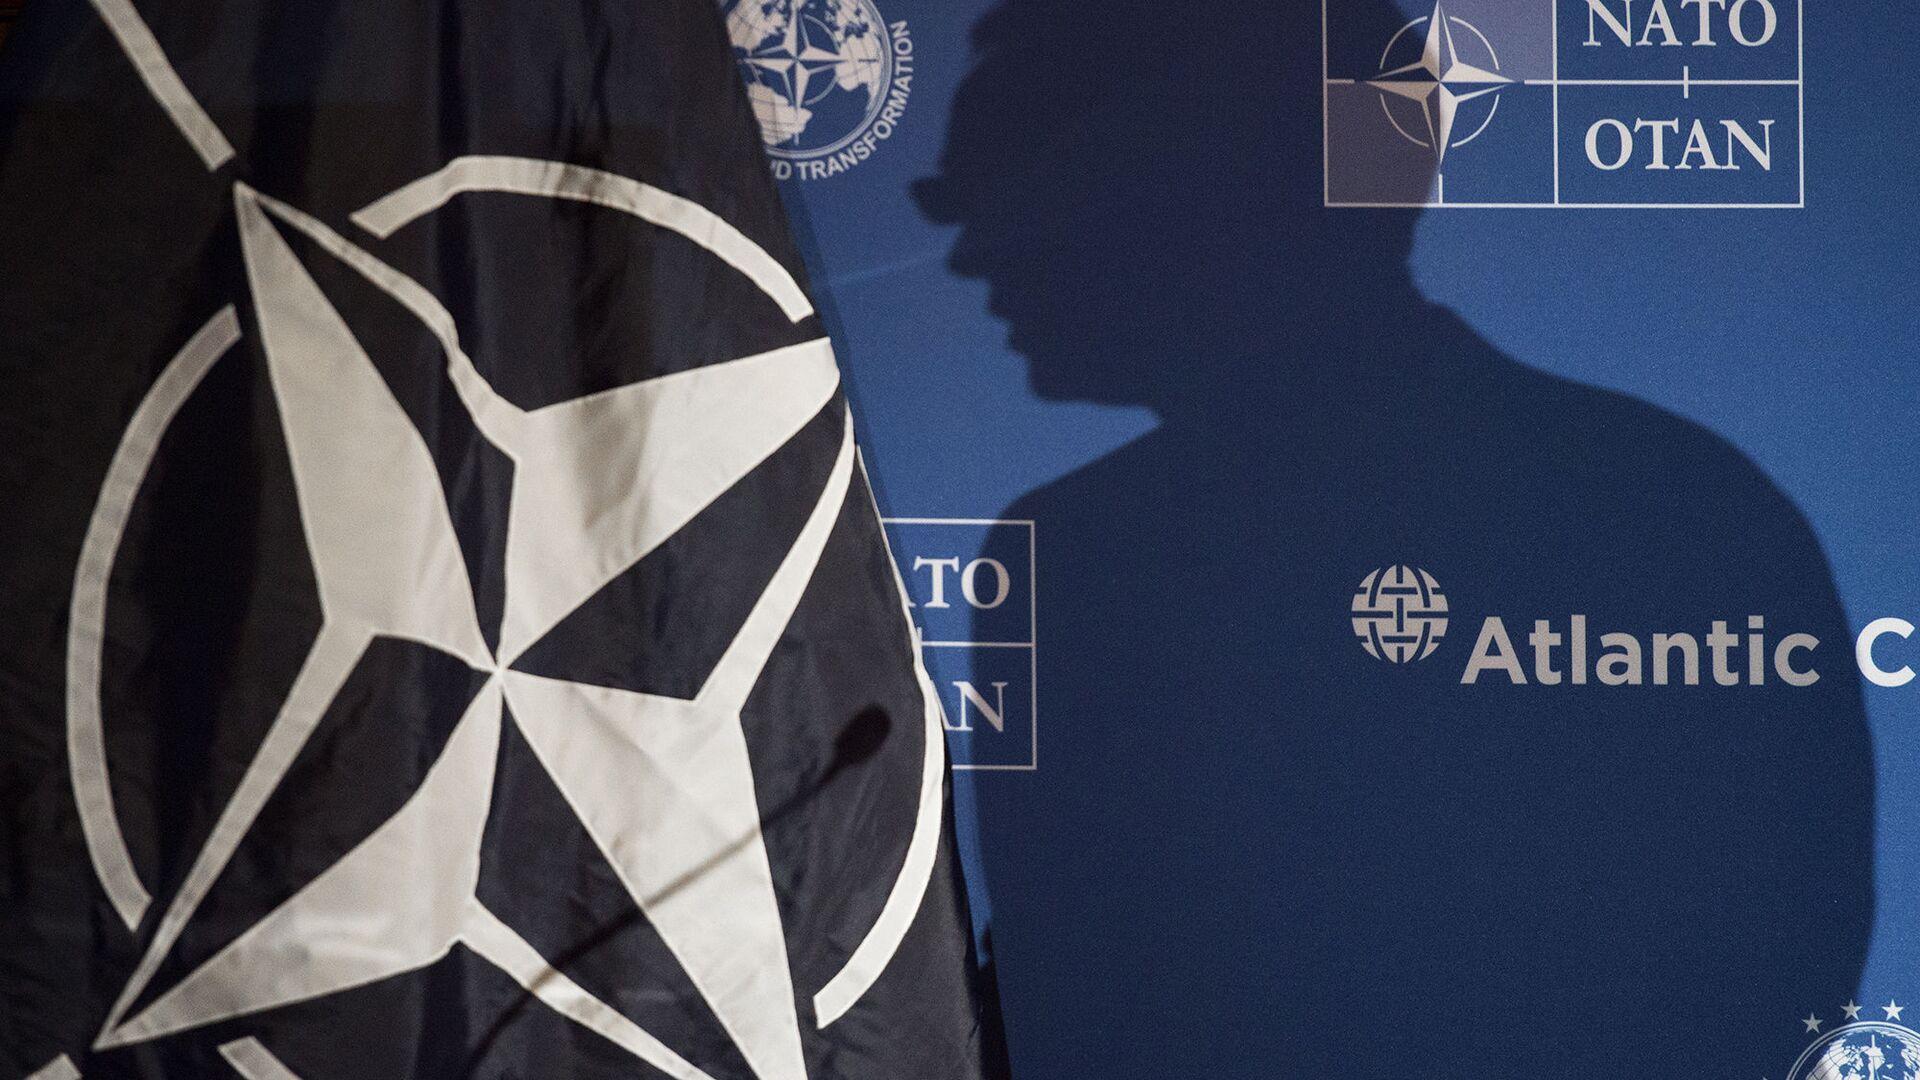 Logo de la OTAN - Sputnik Mundo, 1920, 15.06.2021